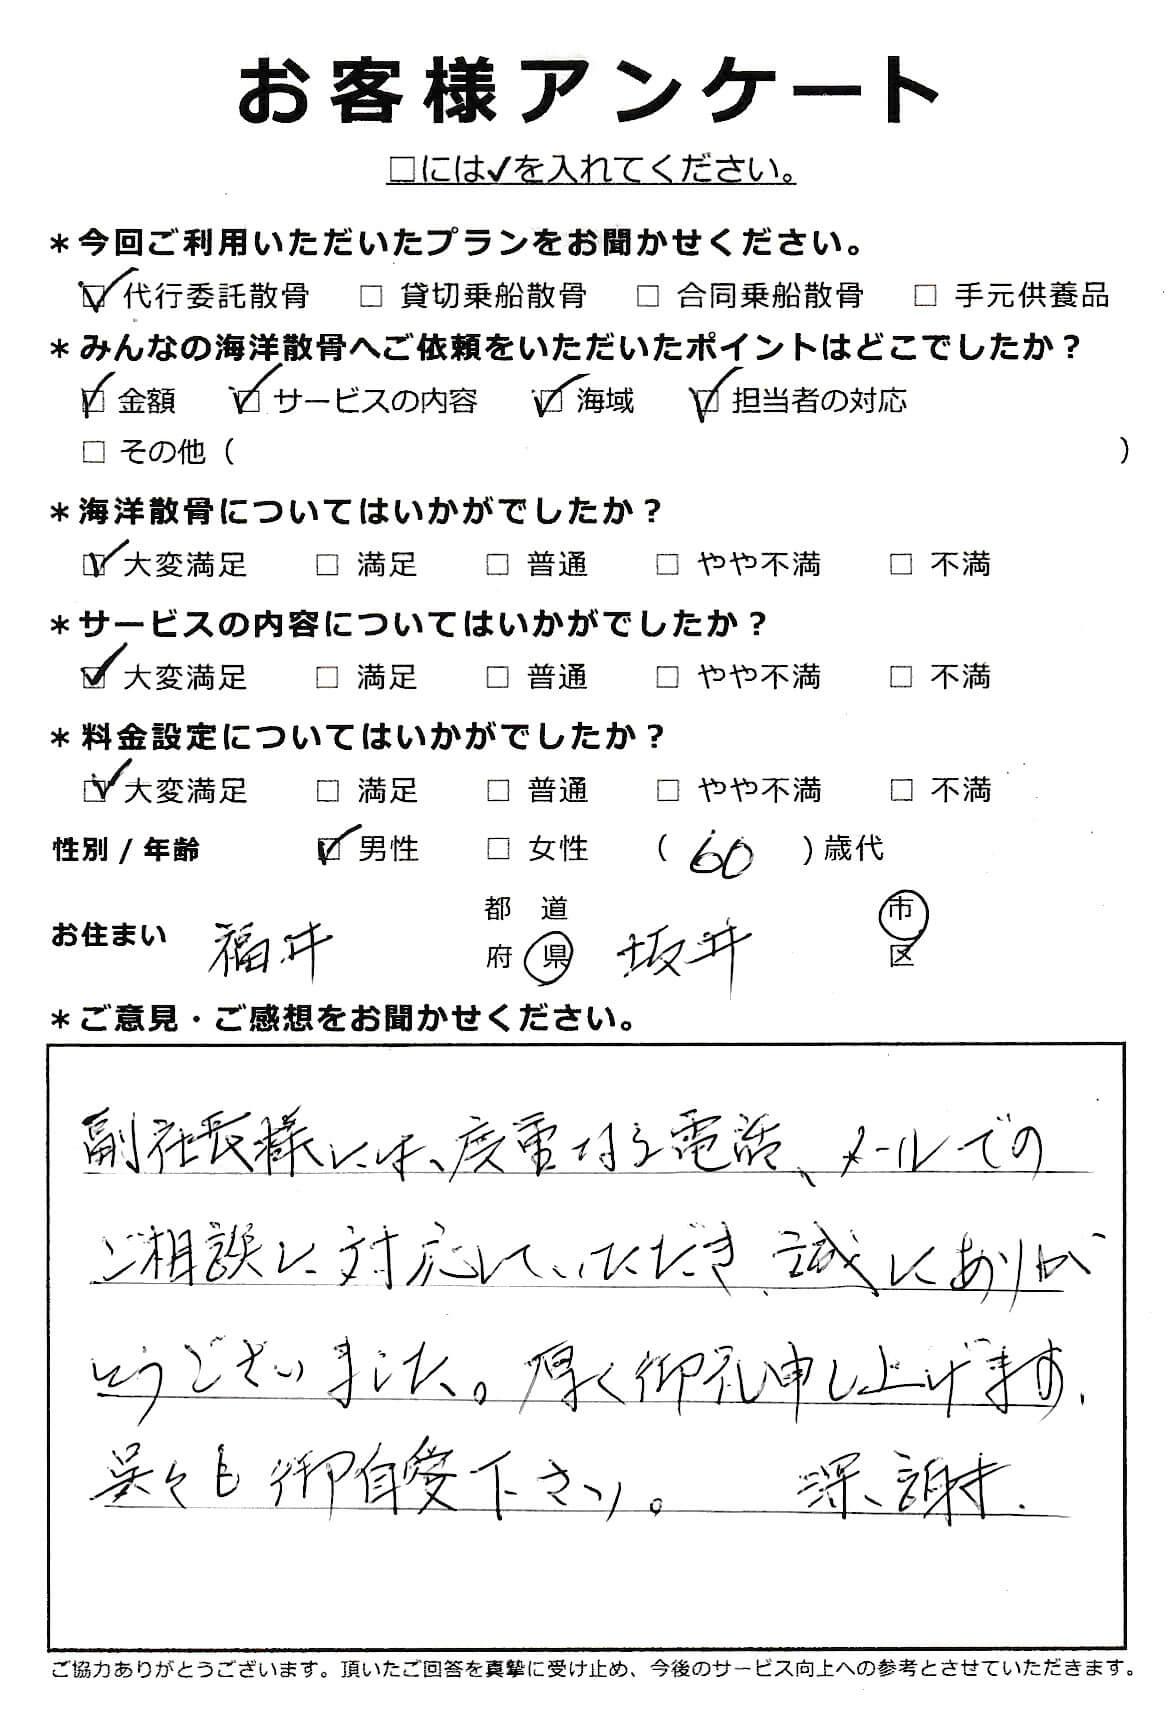 福井県坂井市 60代男性 代行委託散骨